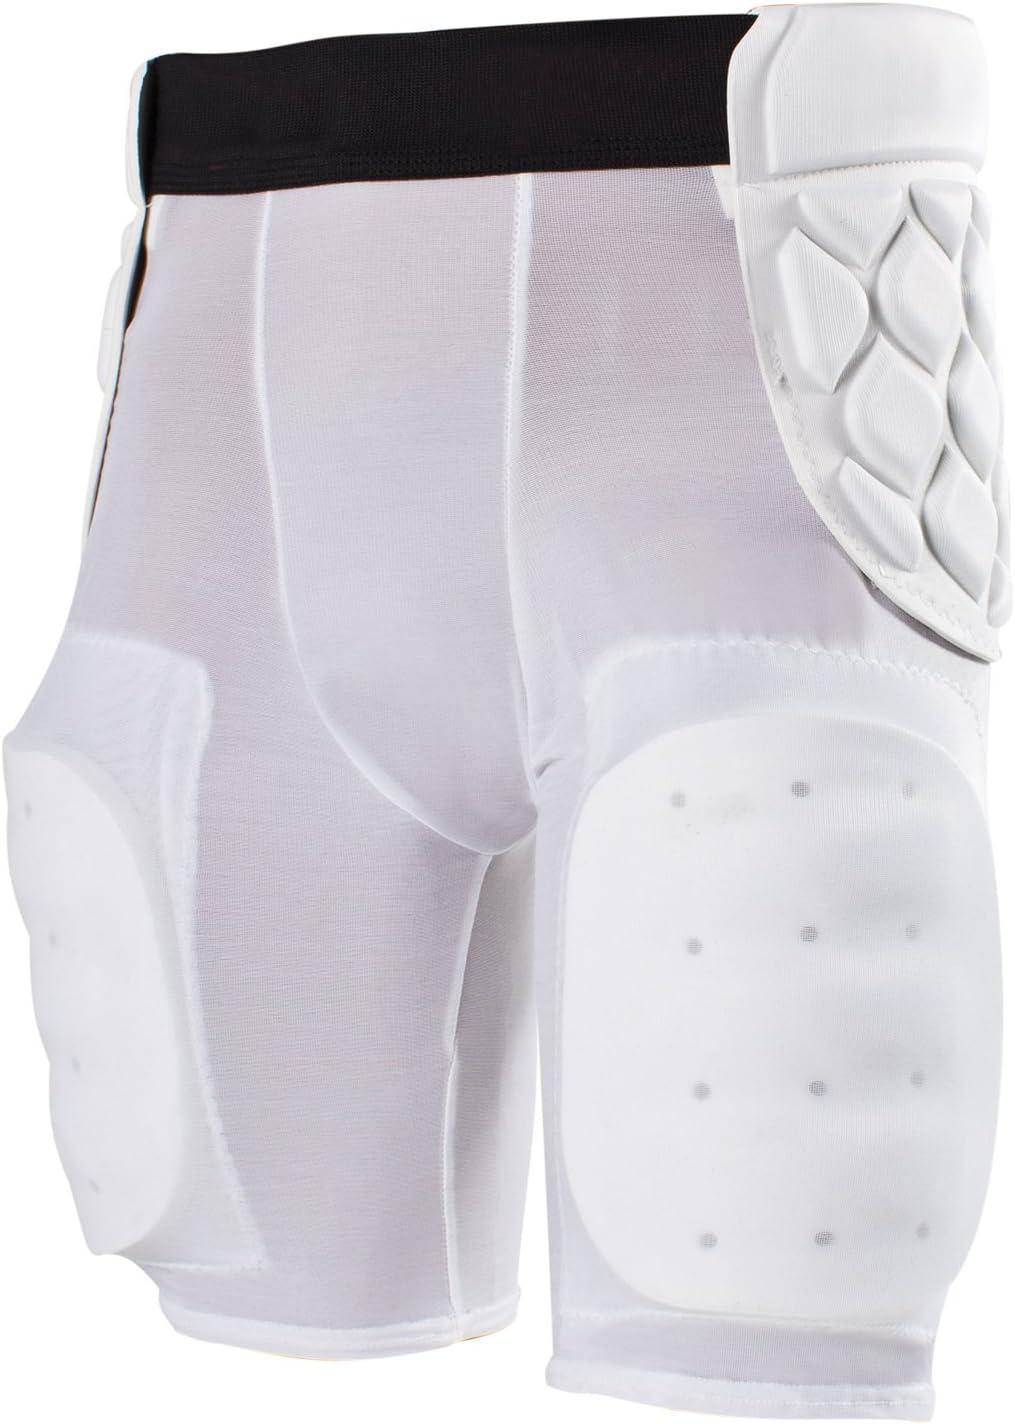 Cramerクラシック5-pad Footballガードルヒップポインタ付きデュアルレイヤー保護、Tailboneと太ももパッド、吸湿発散性ファブリック、デュアルレイヤFoam for Extra保護、各種サイズ ホワイト 3X-Large